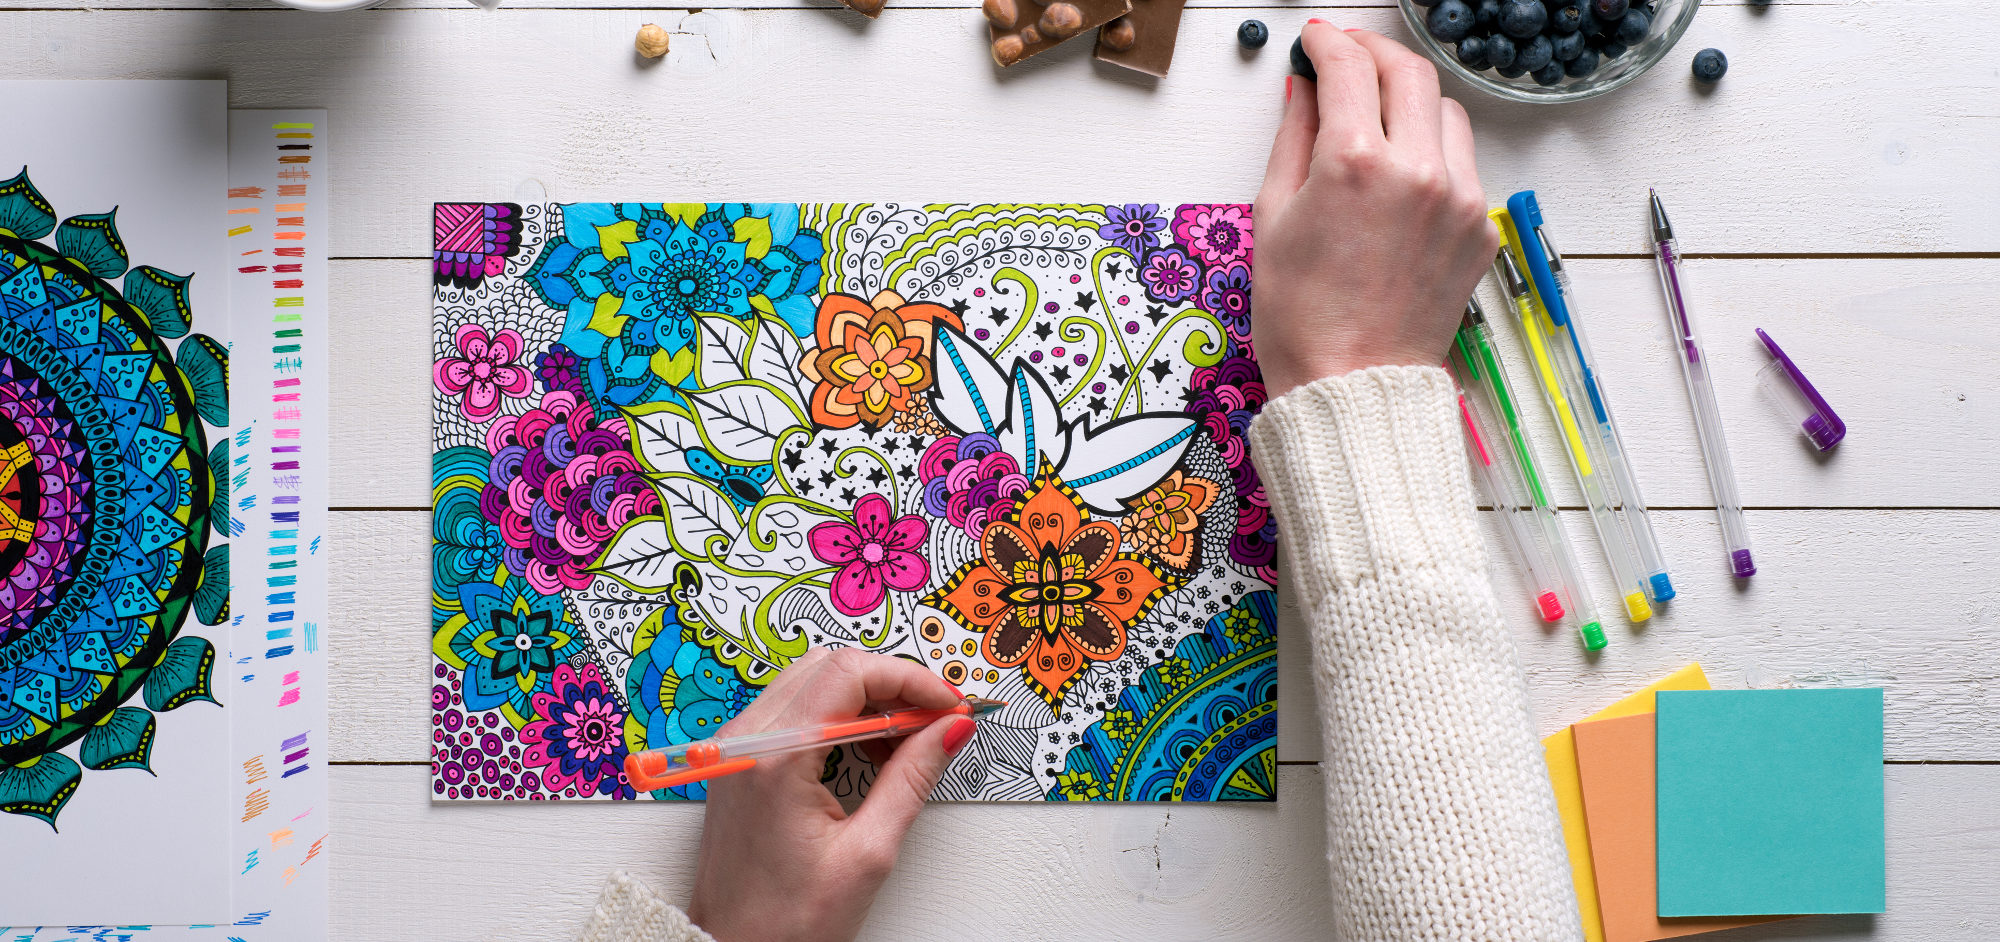 Livros De Colorir Para Adultos: 5 Benefícios Incríveis Dos Livros De Colorir Para Adultos